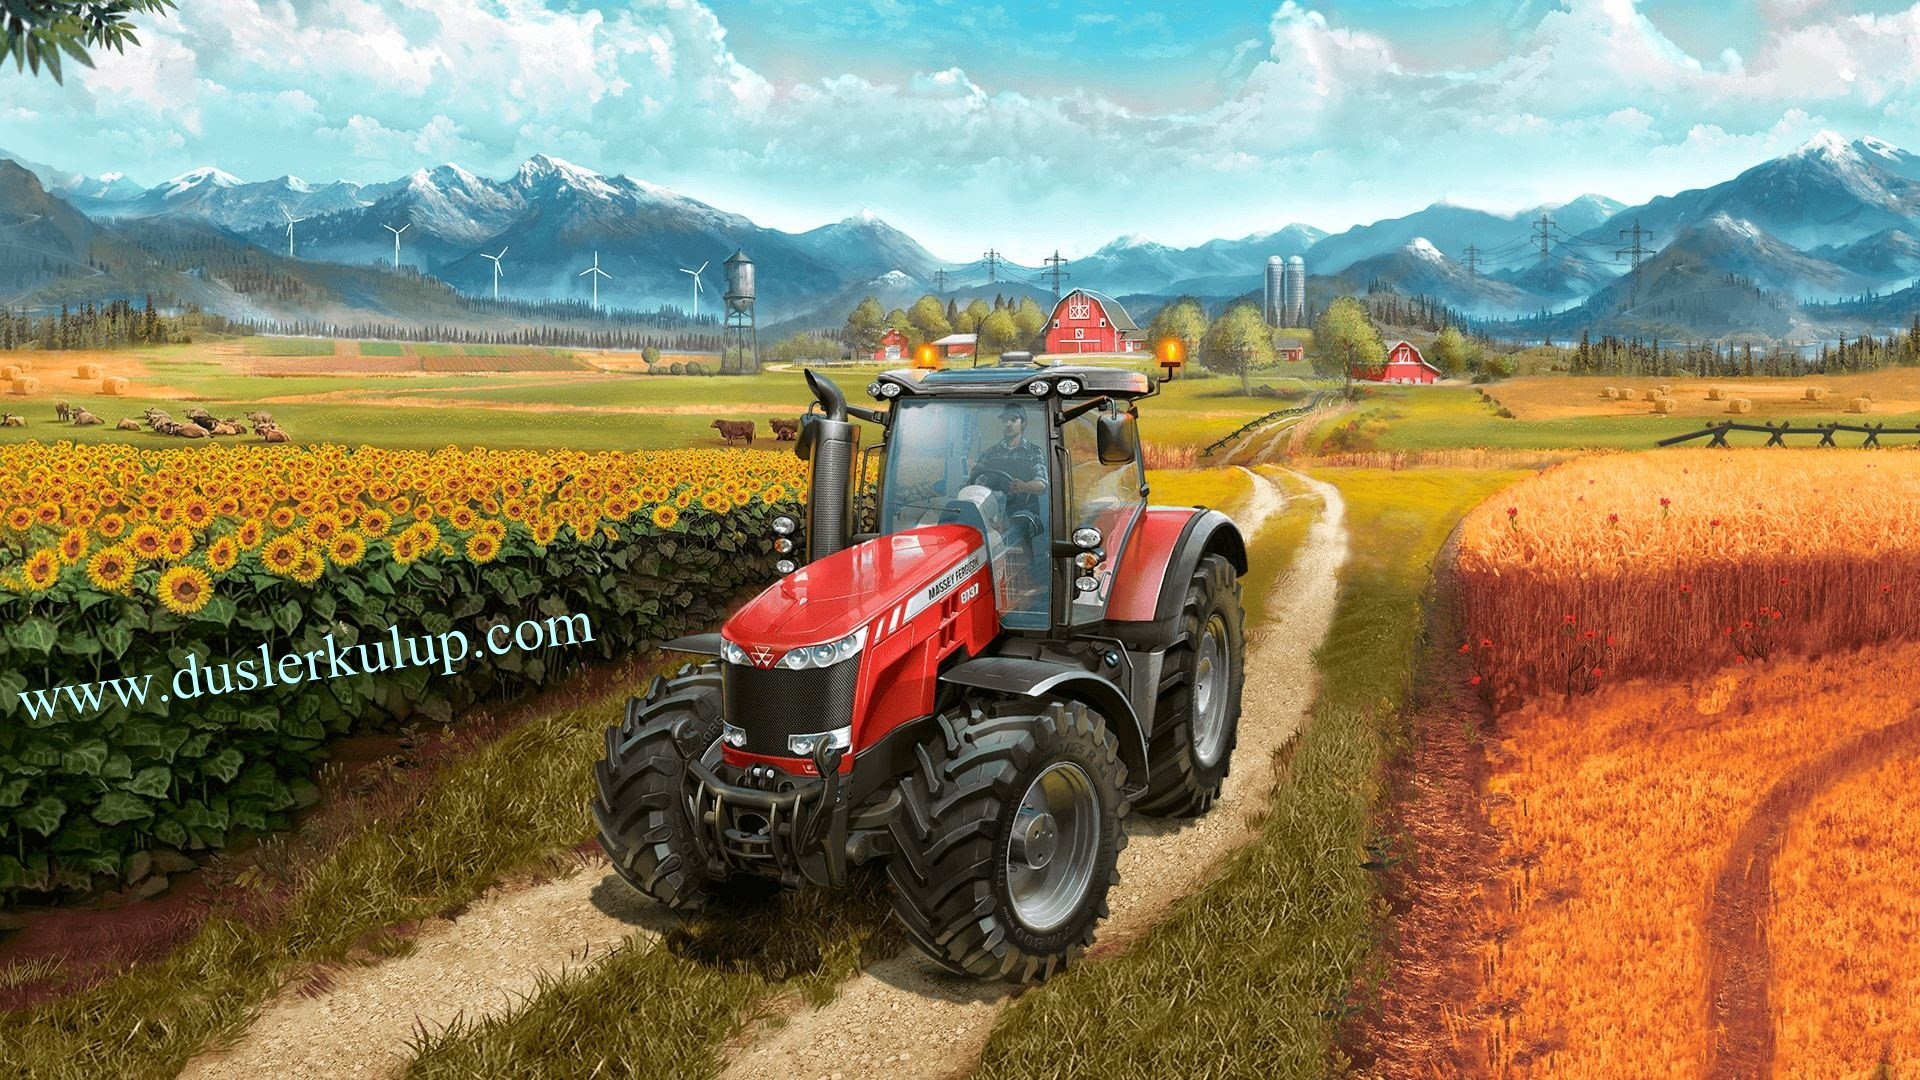 01Q6ro Farming Simülatör 2017 Çiftçilik Oyununu Full İndir